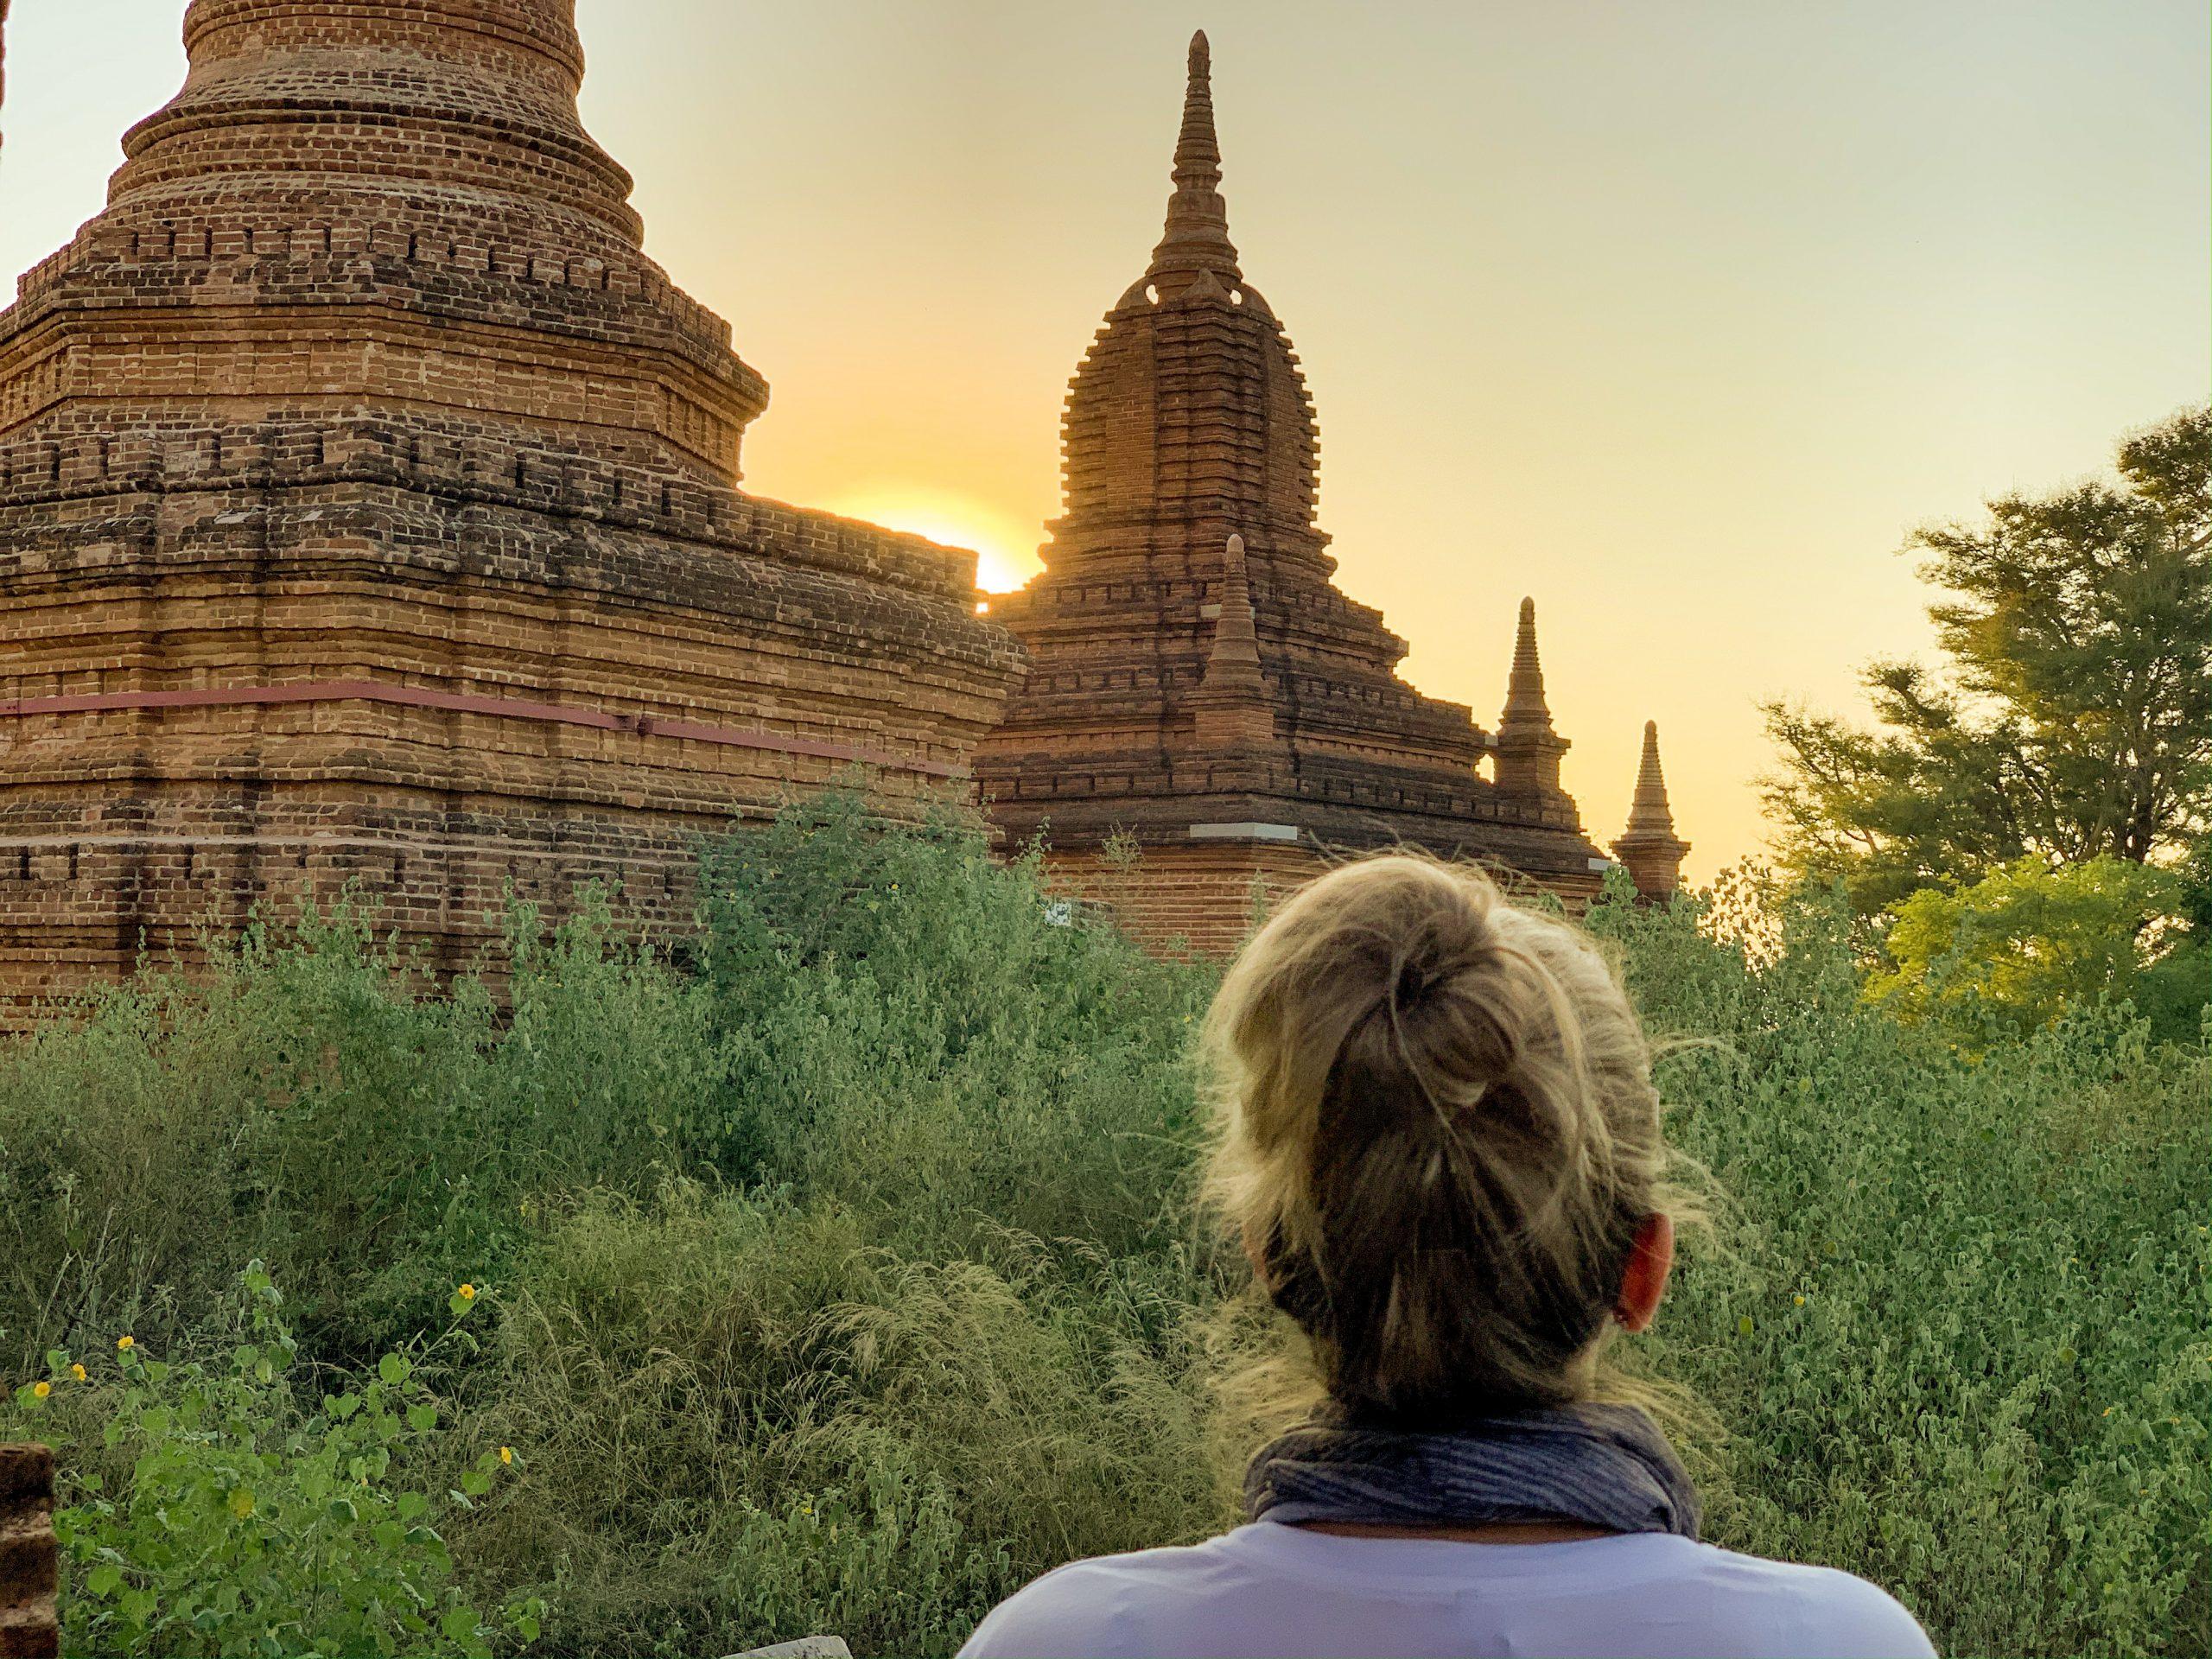 coucher de soleil sur la vallée de Bagan